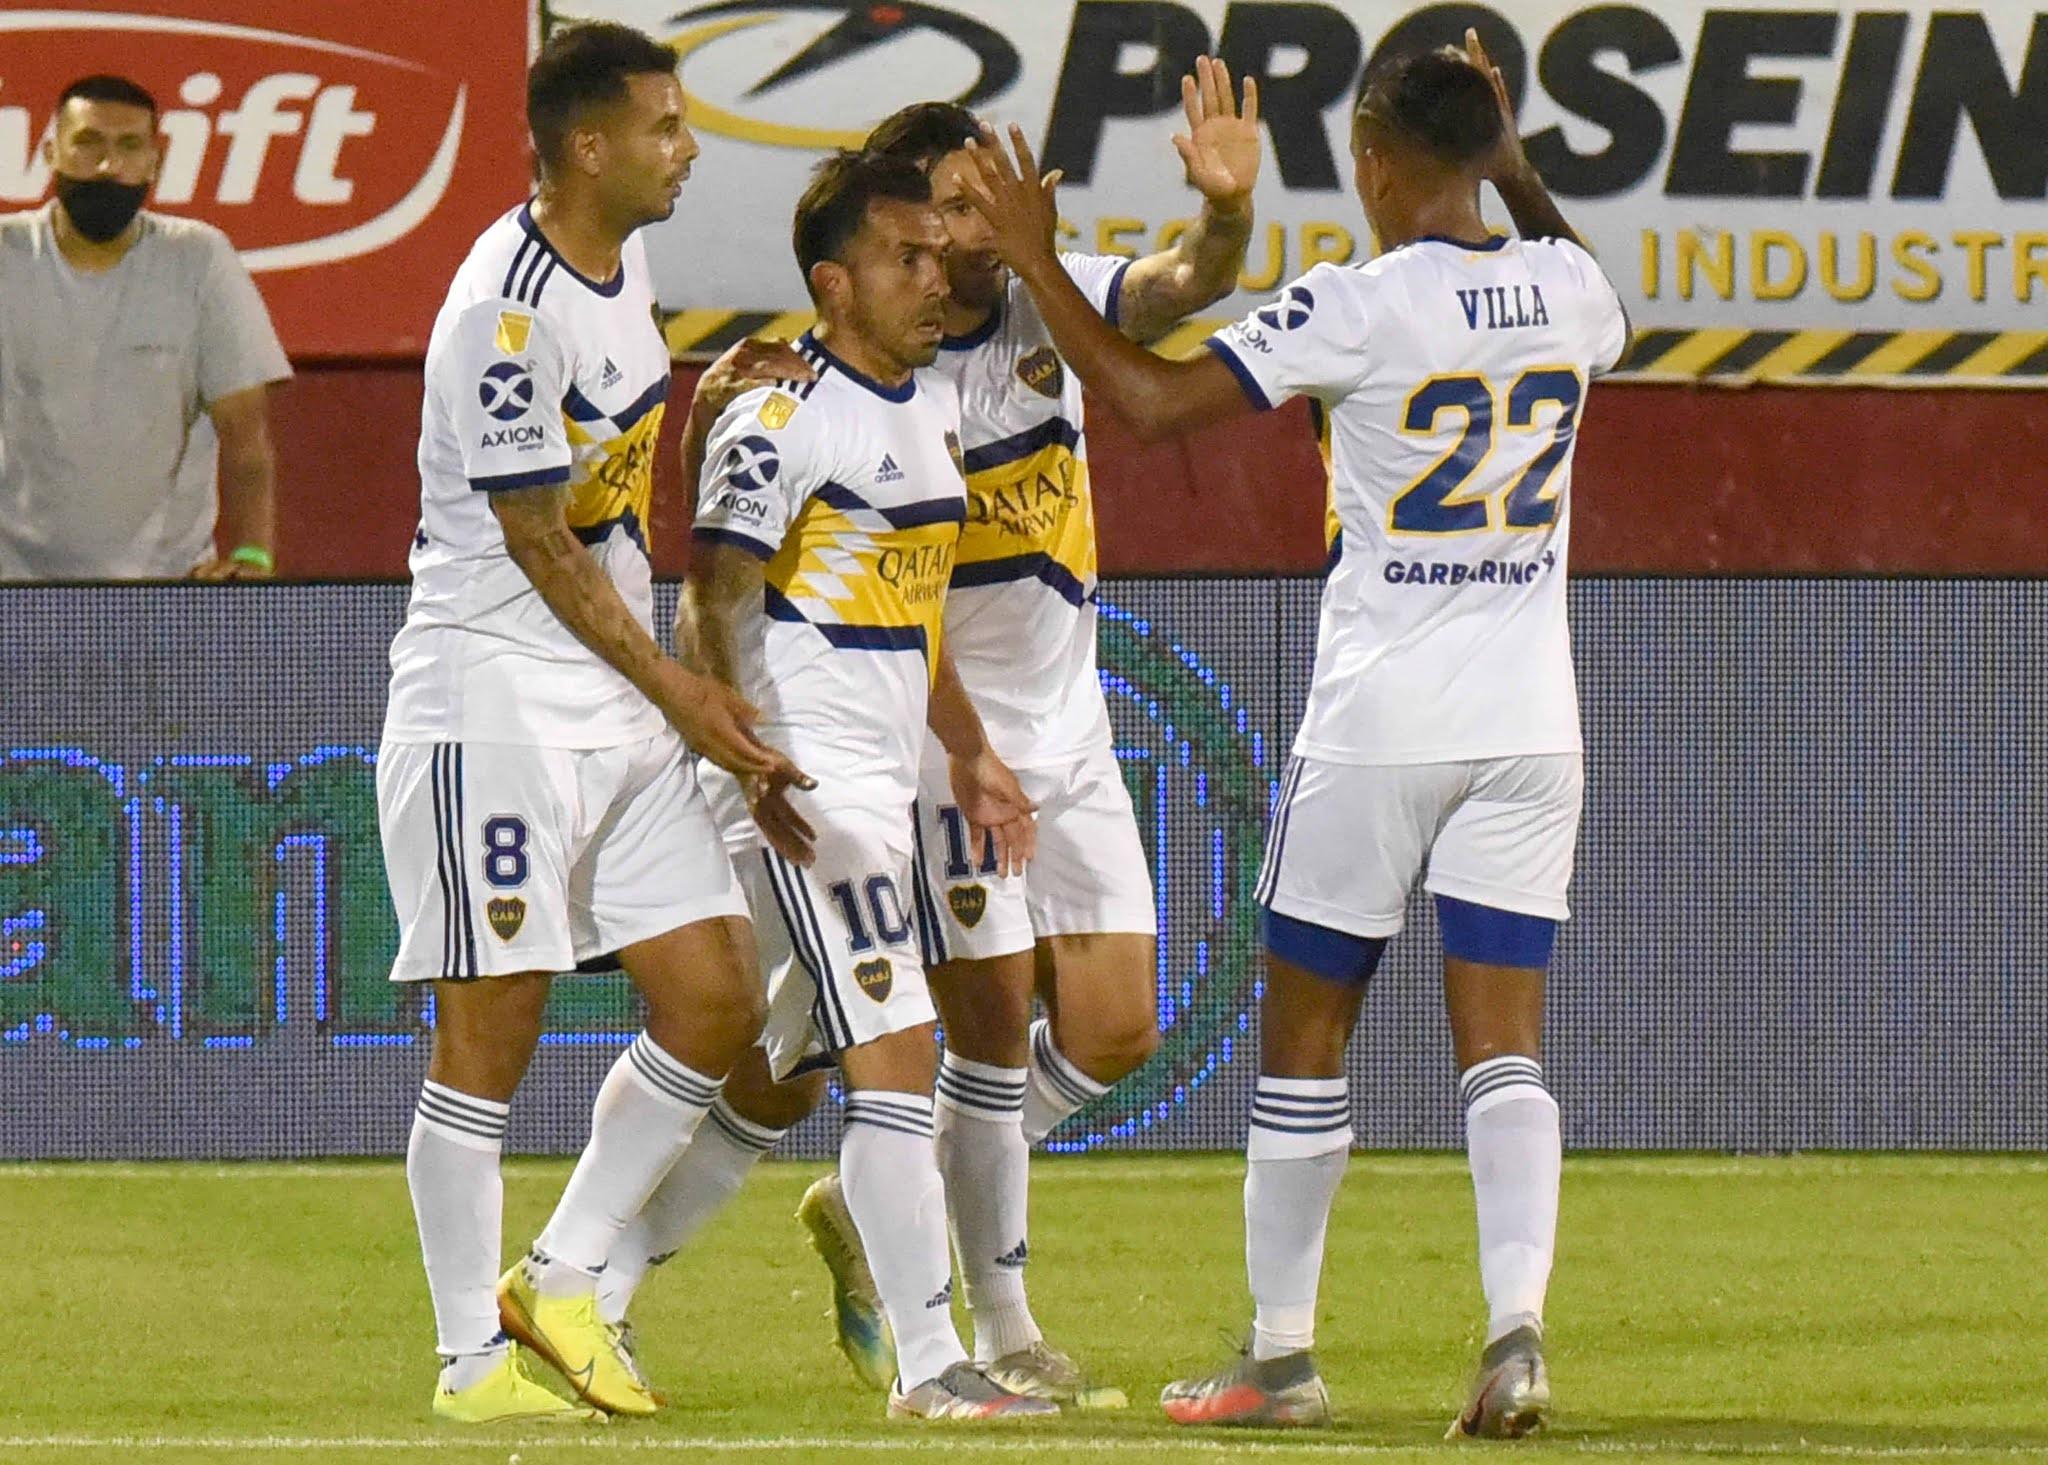 Boca extiende su racha en Rosario ante Newell's